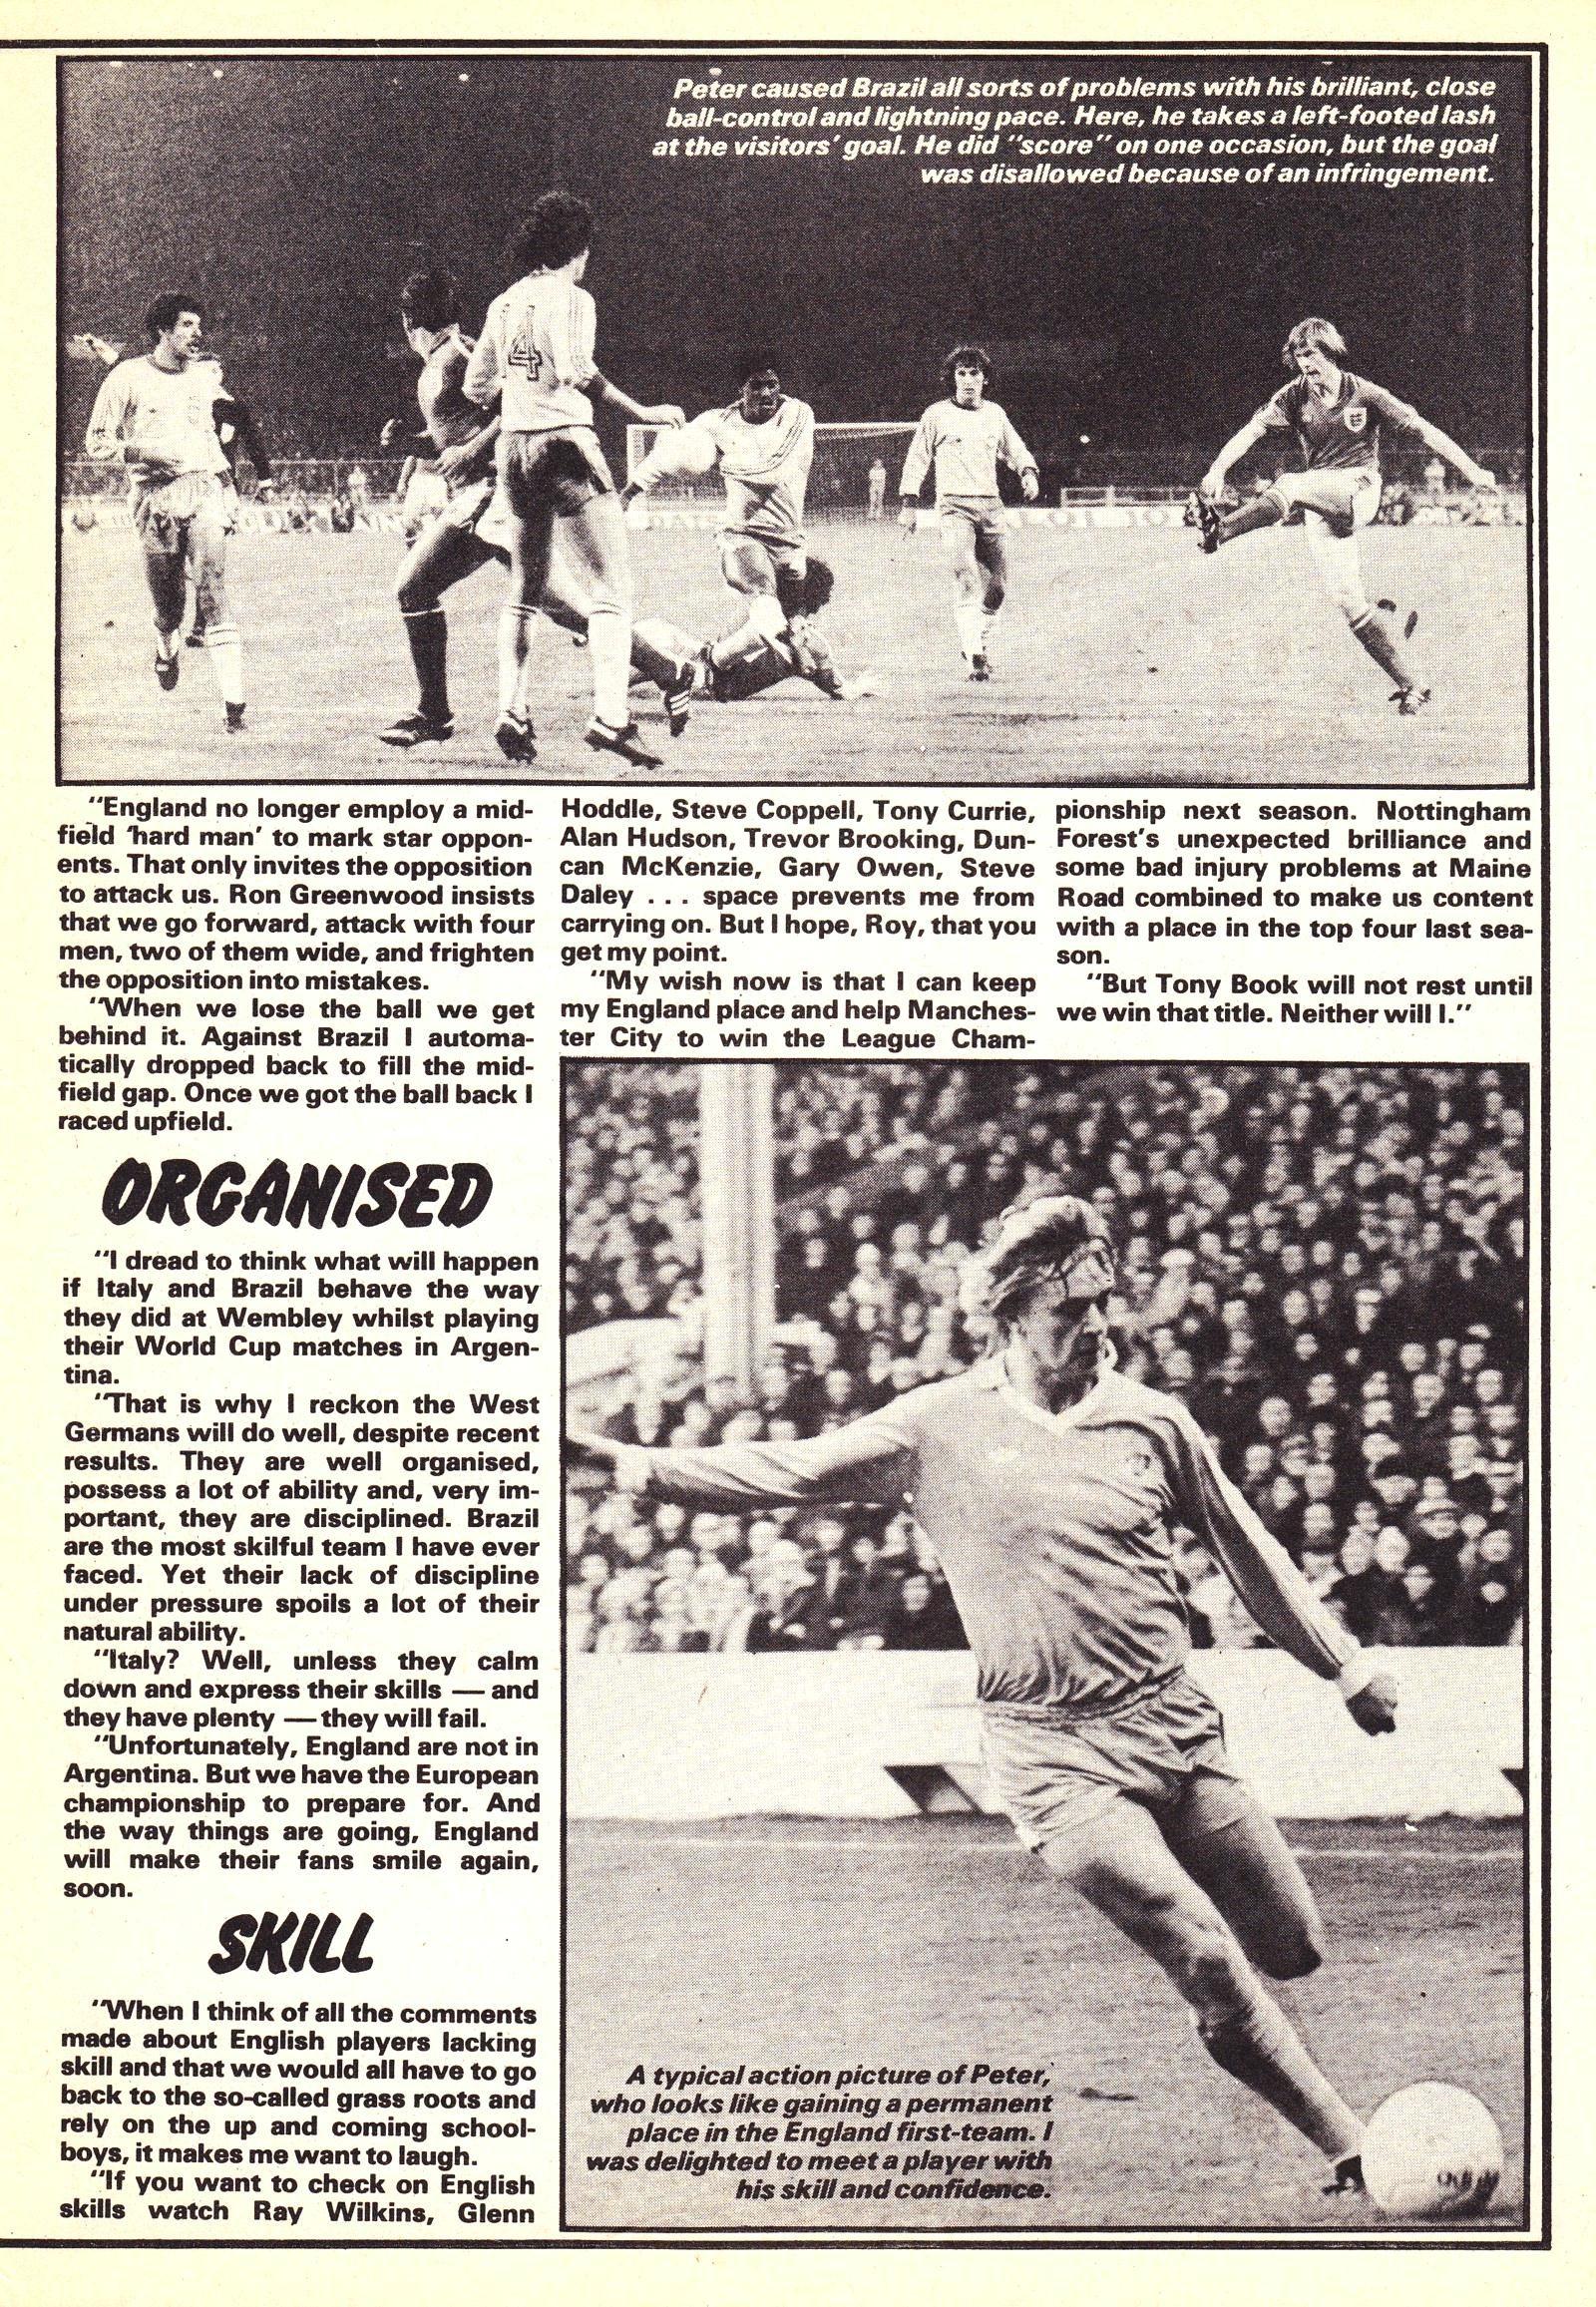 rotr interview june 1978 part 2